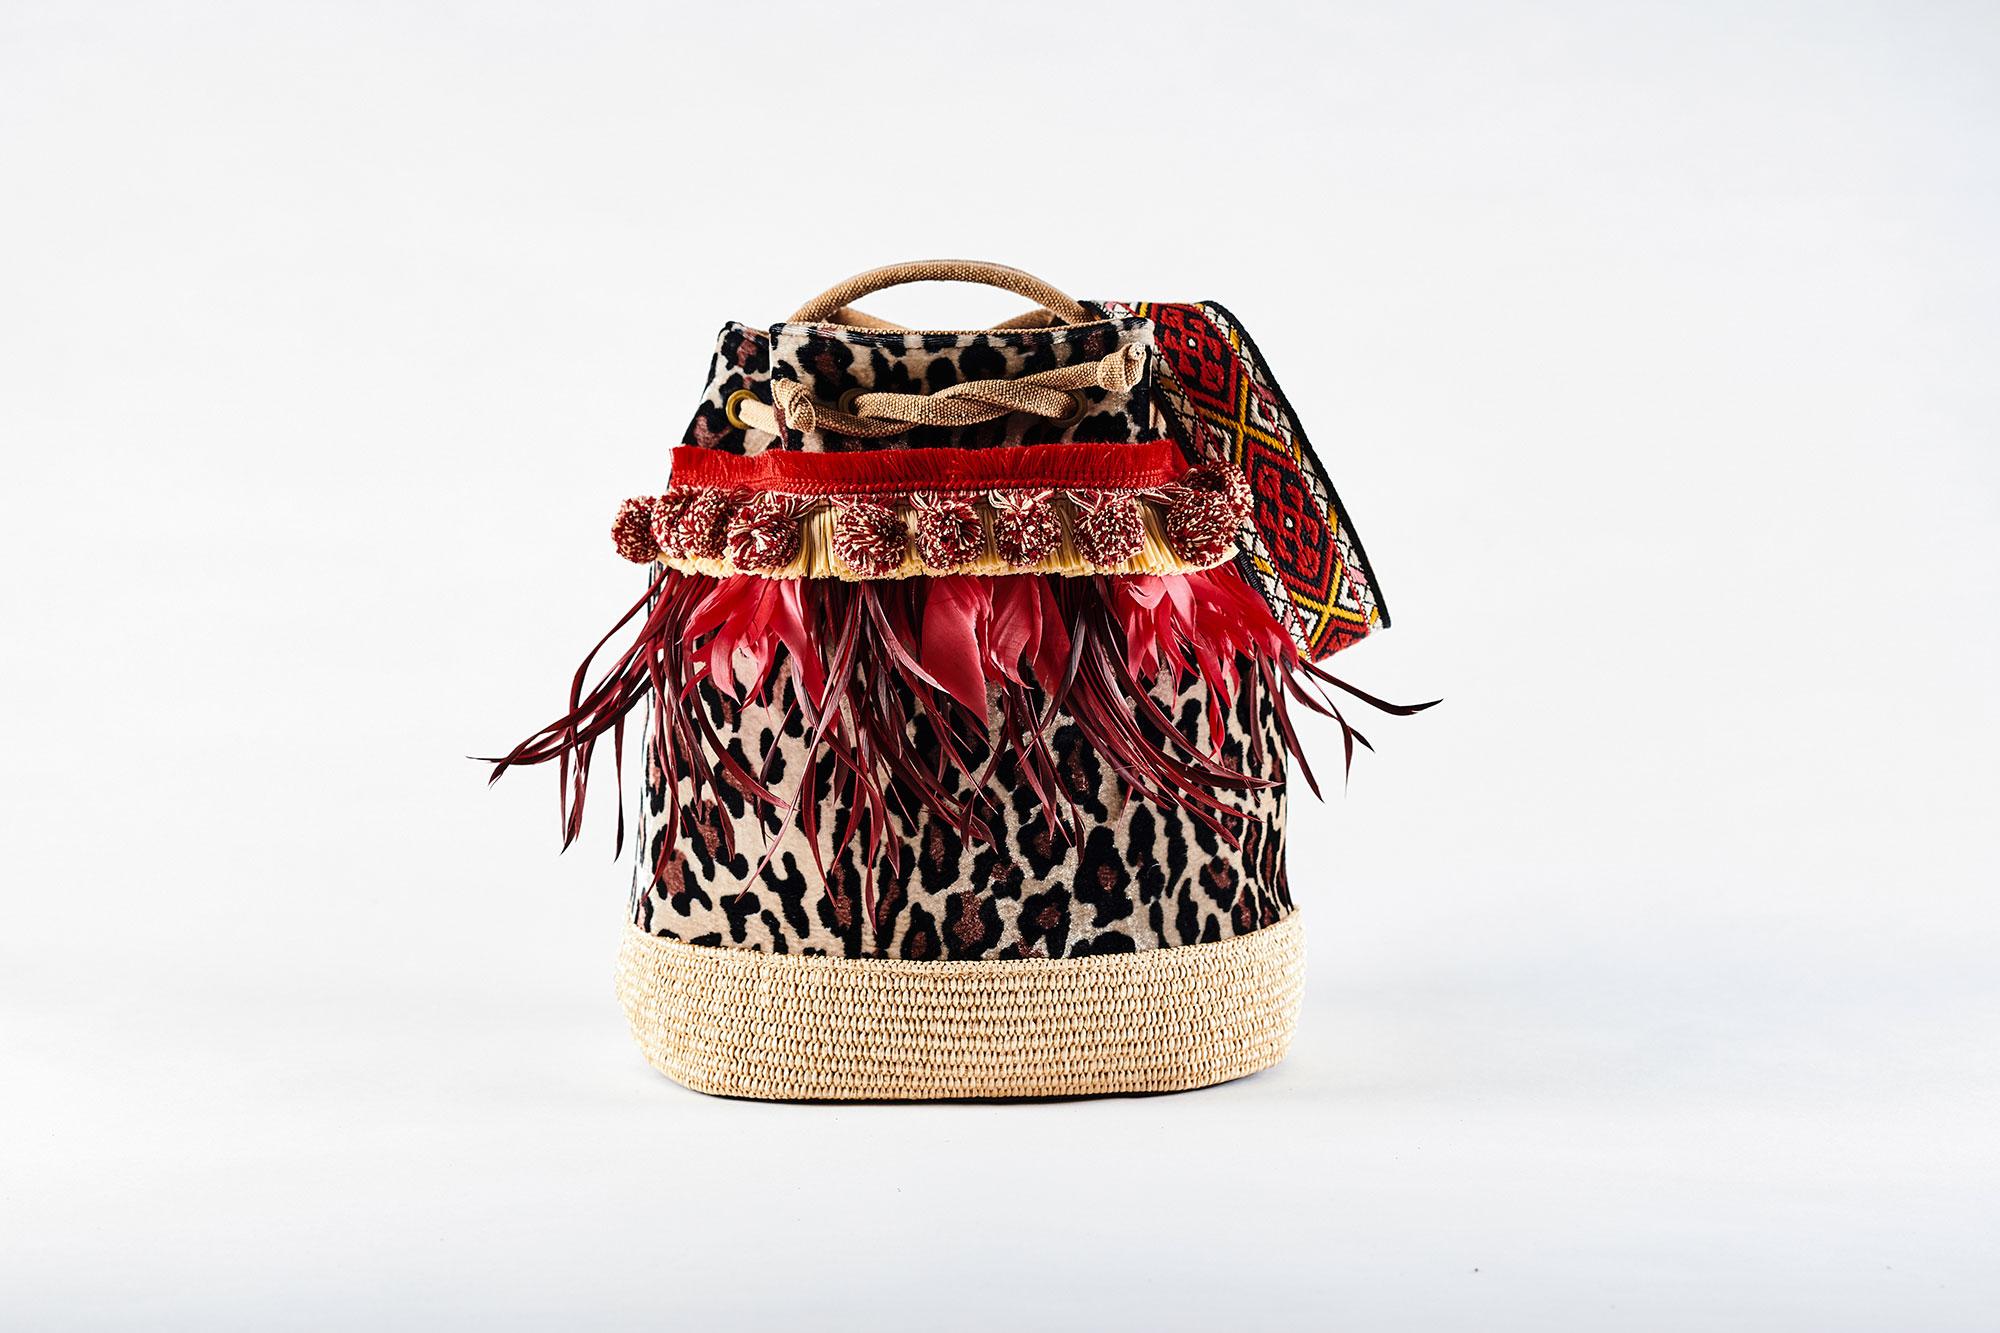 viamailbag-basket-leo-A01